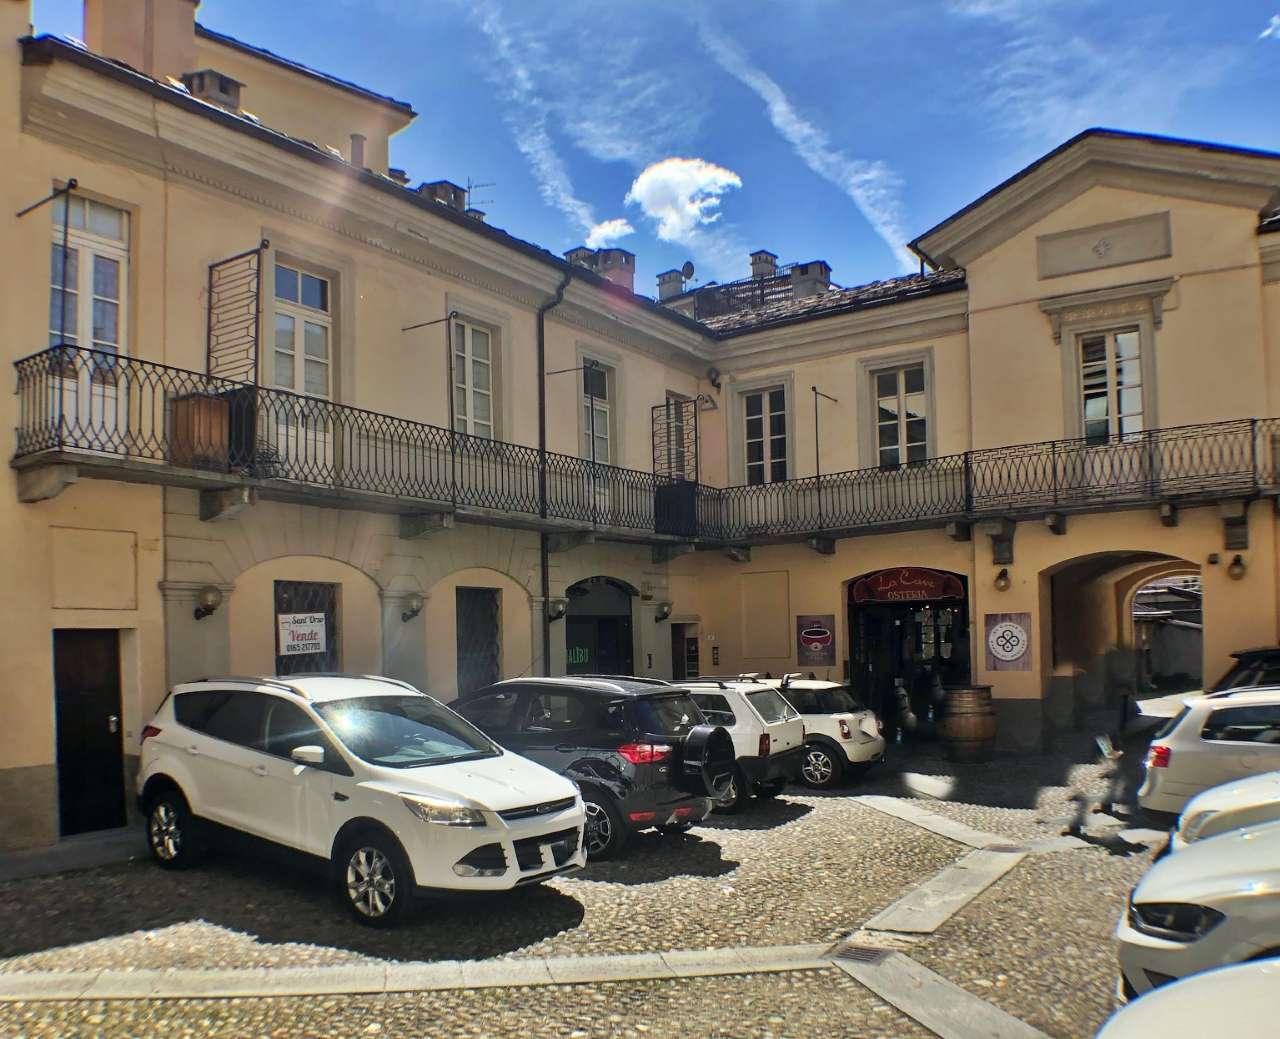 Laboratorio in vendita a Aosta, 1 locali, prezzo € 145.000 | CambioCasa.it